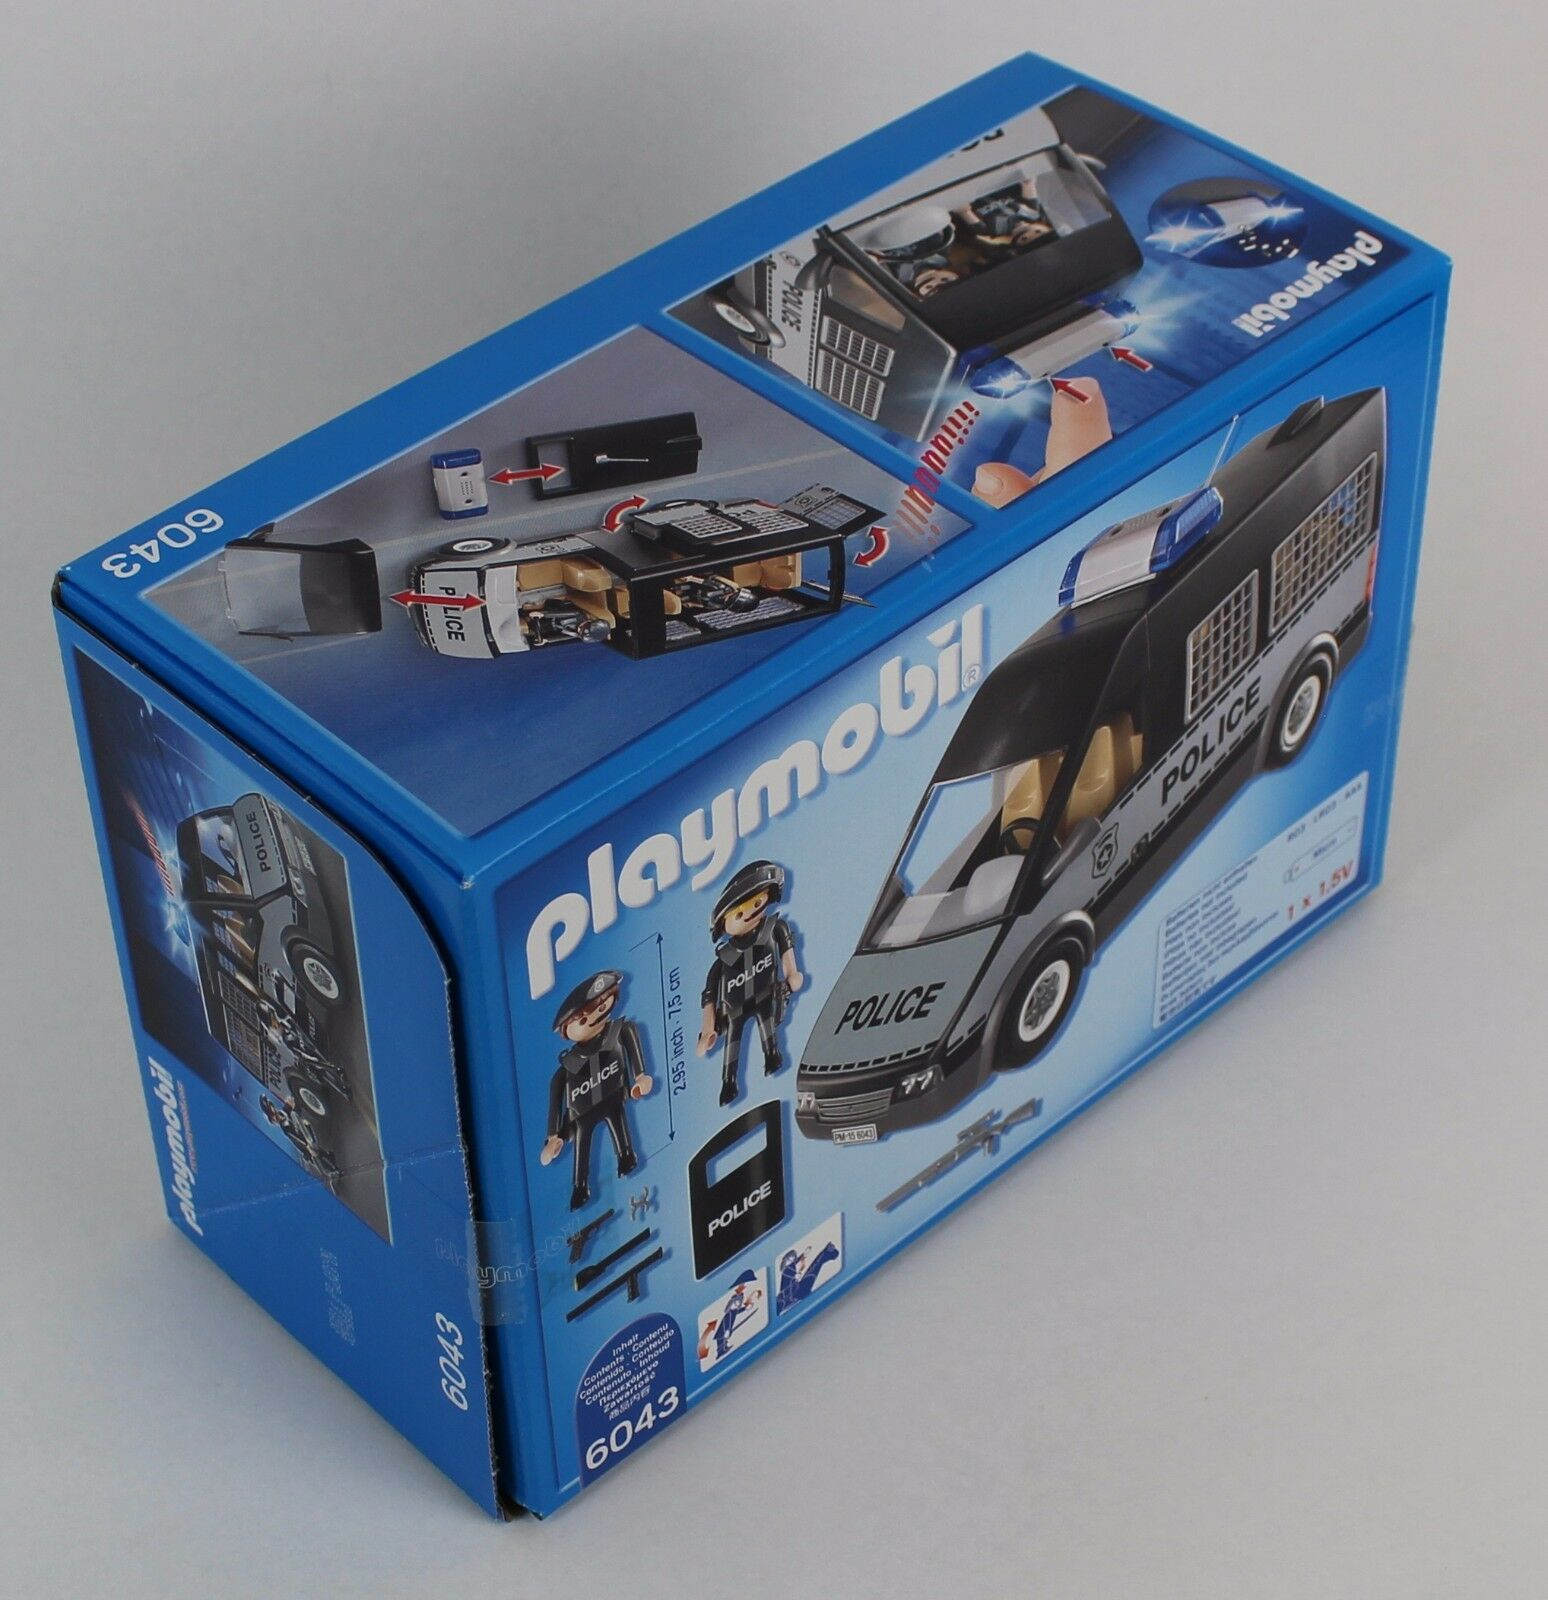 PLAYMOBIL 6043 Polizei-Mannschaftswagen mit Licht und Sound pastzu 6872 9236 9236 9236 NEU 93c194